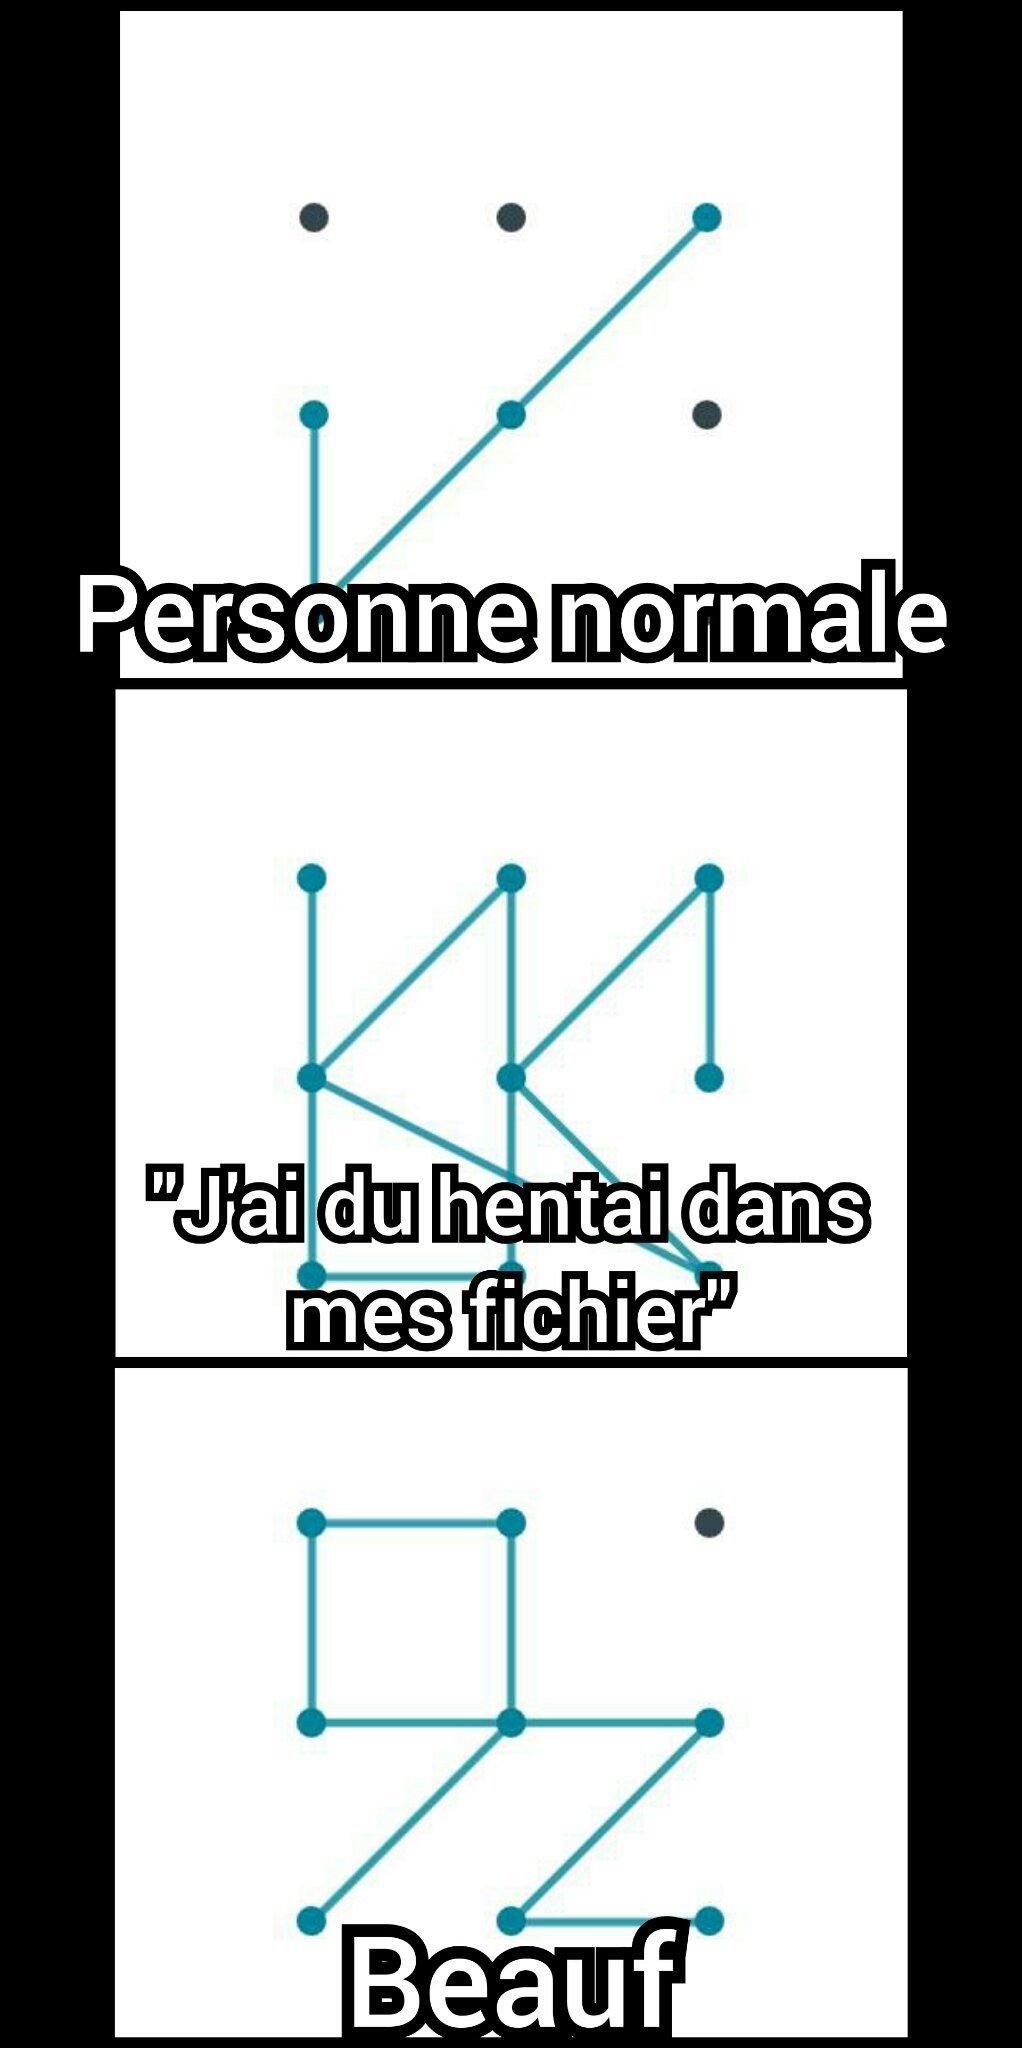 Phone scheme in a nutscheme - meme